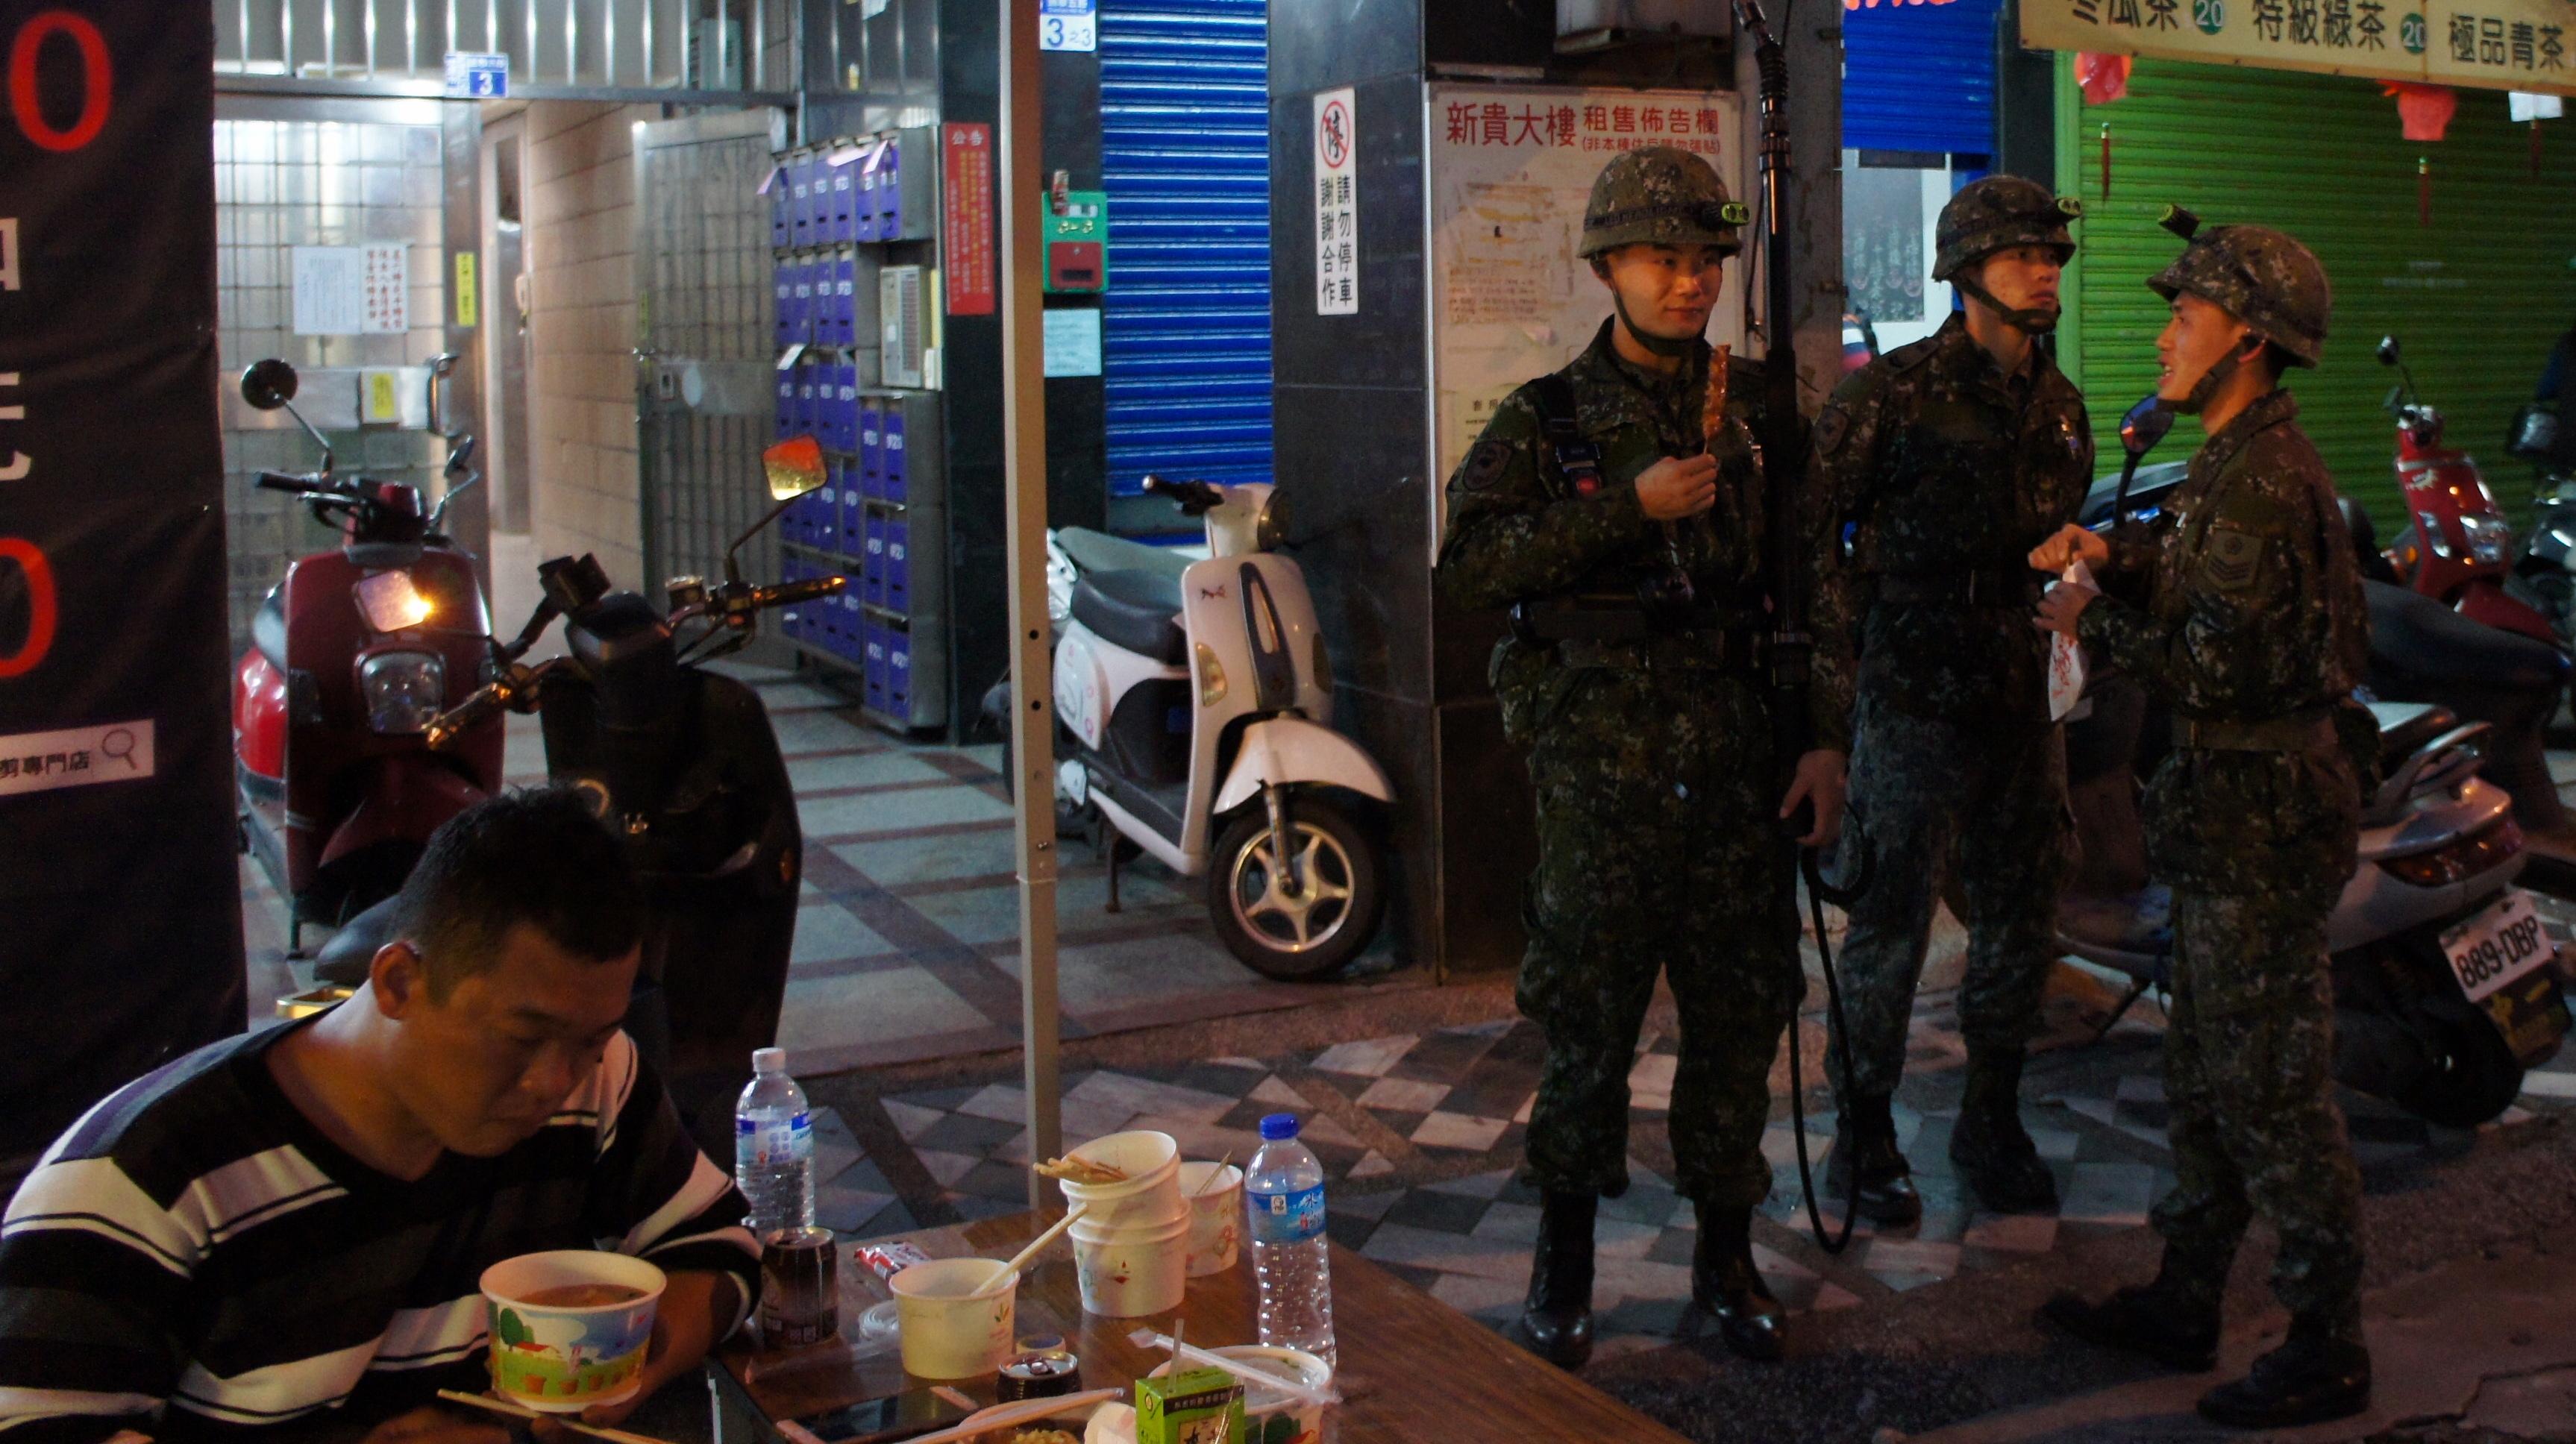 無償提供の食べ物で休憩する救急隊員ら(右)=2月9日午後6時ごろ、花蓮市